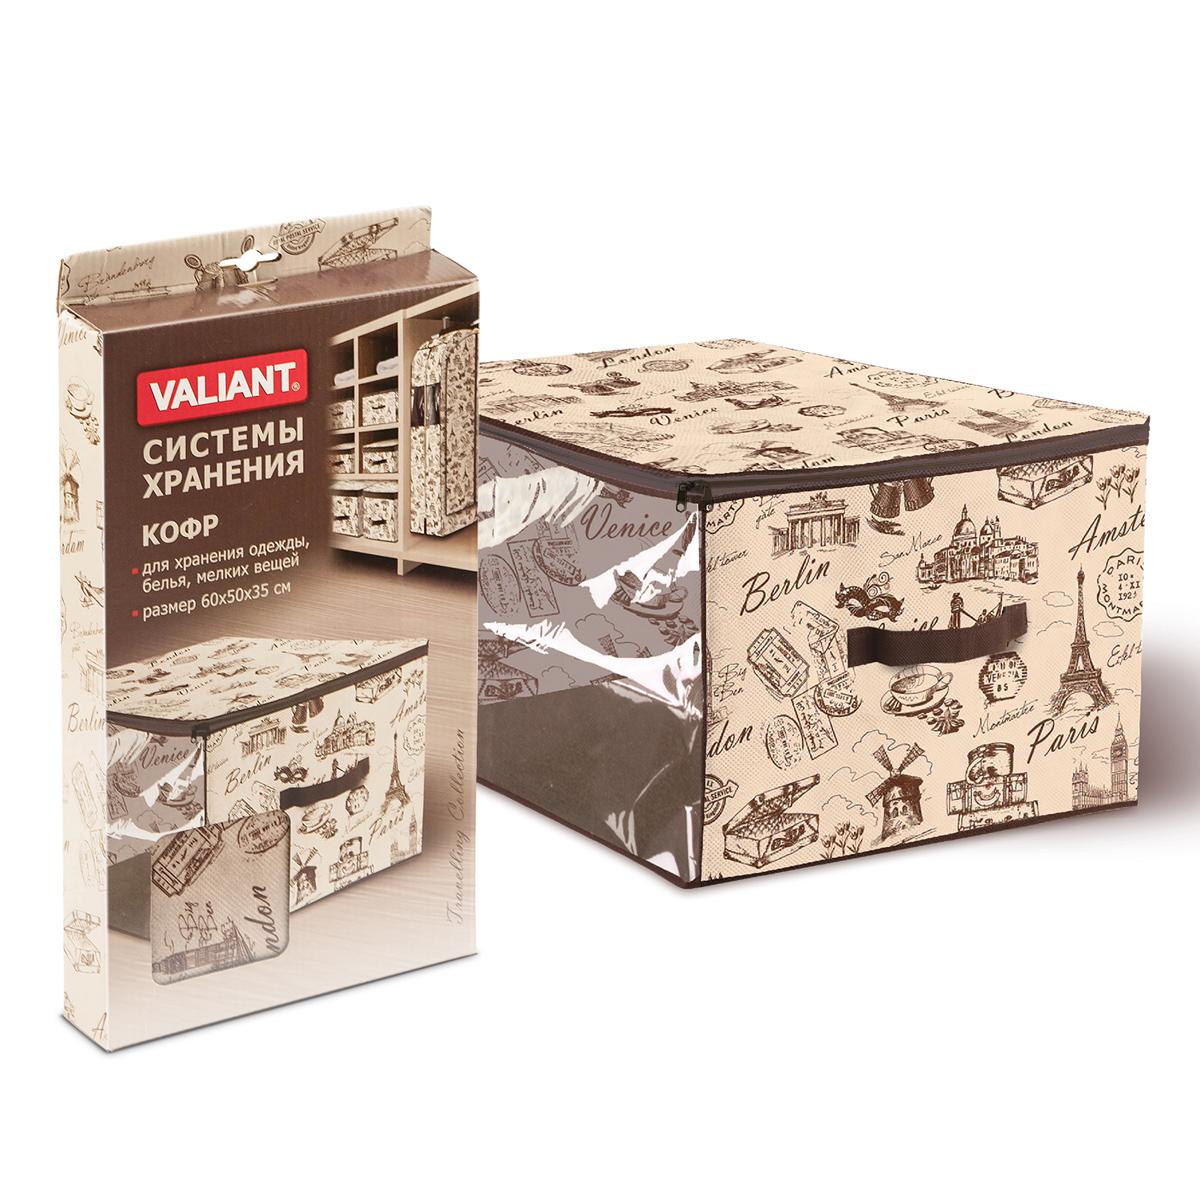 Кофр для хранения Valiant Travelling, 60 см х 50 см х 35 смTRA003Кофр для хранения Valiant Travelling изготовлен из высококачественного нетканого материала (спанбонда), который обеспечивает естественную вентиляцию, позволяя воздуху проникать внутрь, но не пропускает пыль. Вставки из плотного картона хорошо держат форму. Кофр снабжен специальной крышкой и ручкой сбоку. Изделие отличается мобильностью: легко раскладывается и складывается. В таком кофре удобно хранить одежду, белье и мелкие аксессуары. Оригинальный дизайн погружает в атмосферу путешествий по разным городам и странам. Системы хранения в едином дизайне сделают вашу гардеробную красивой и невероятно стильной.